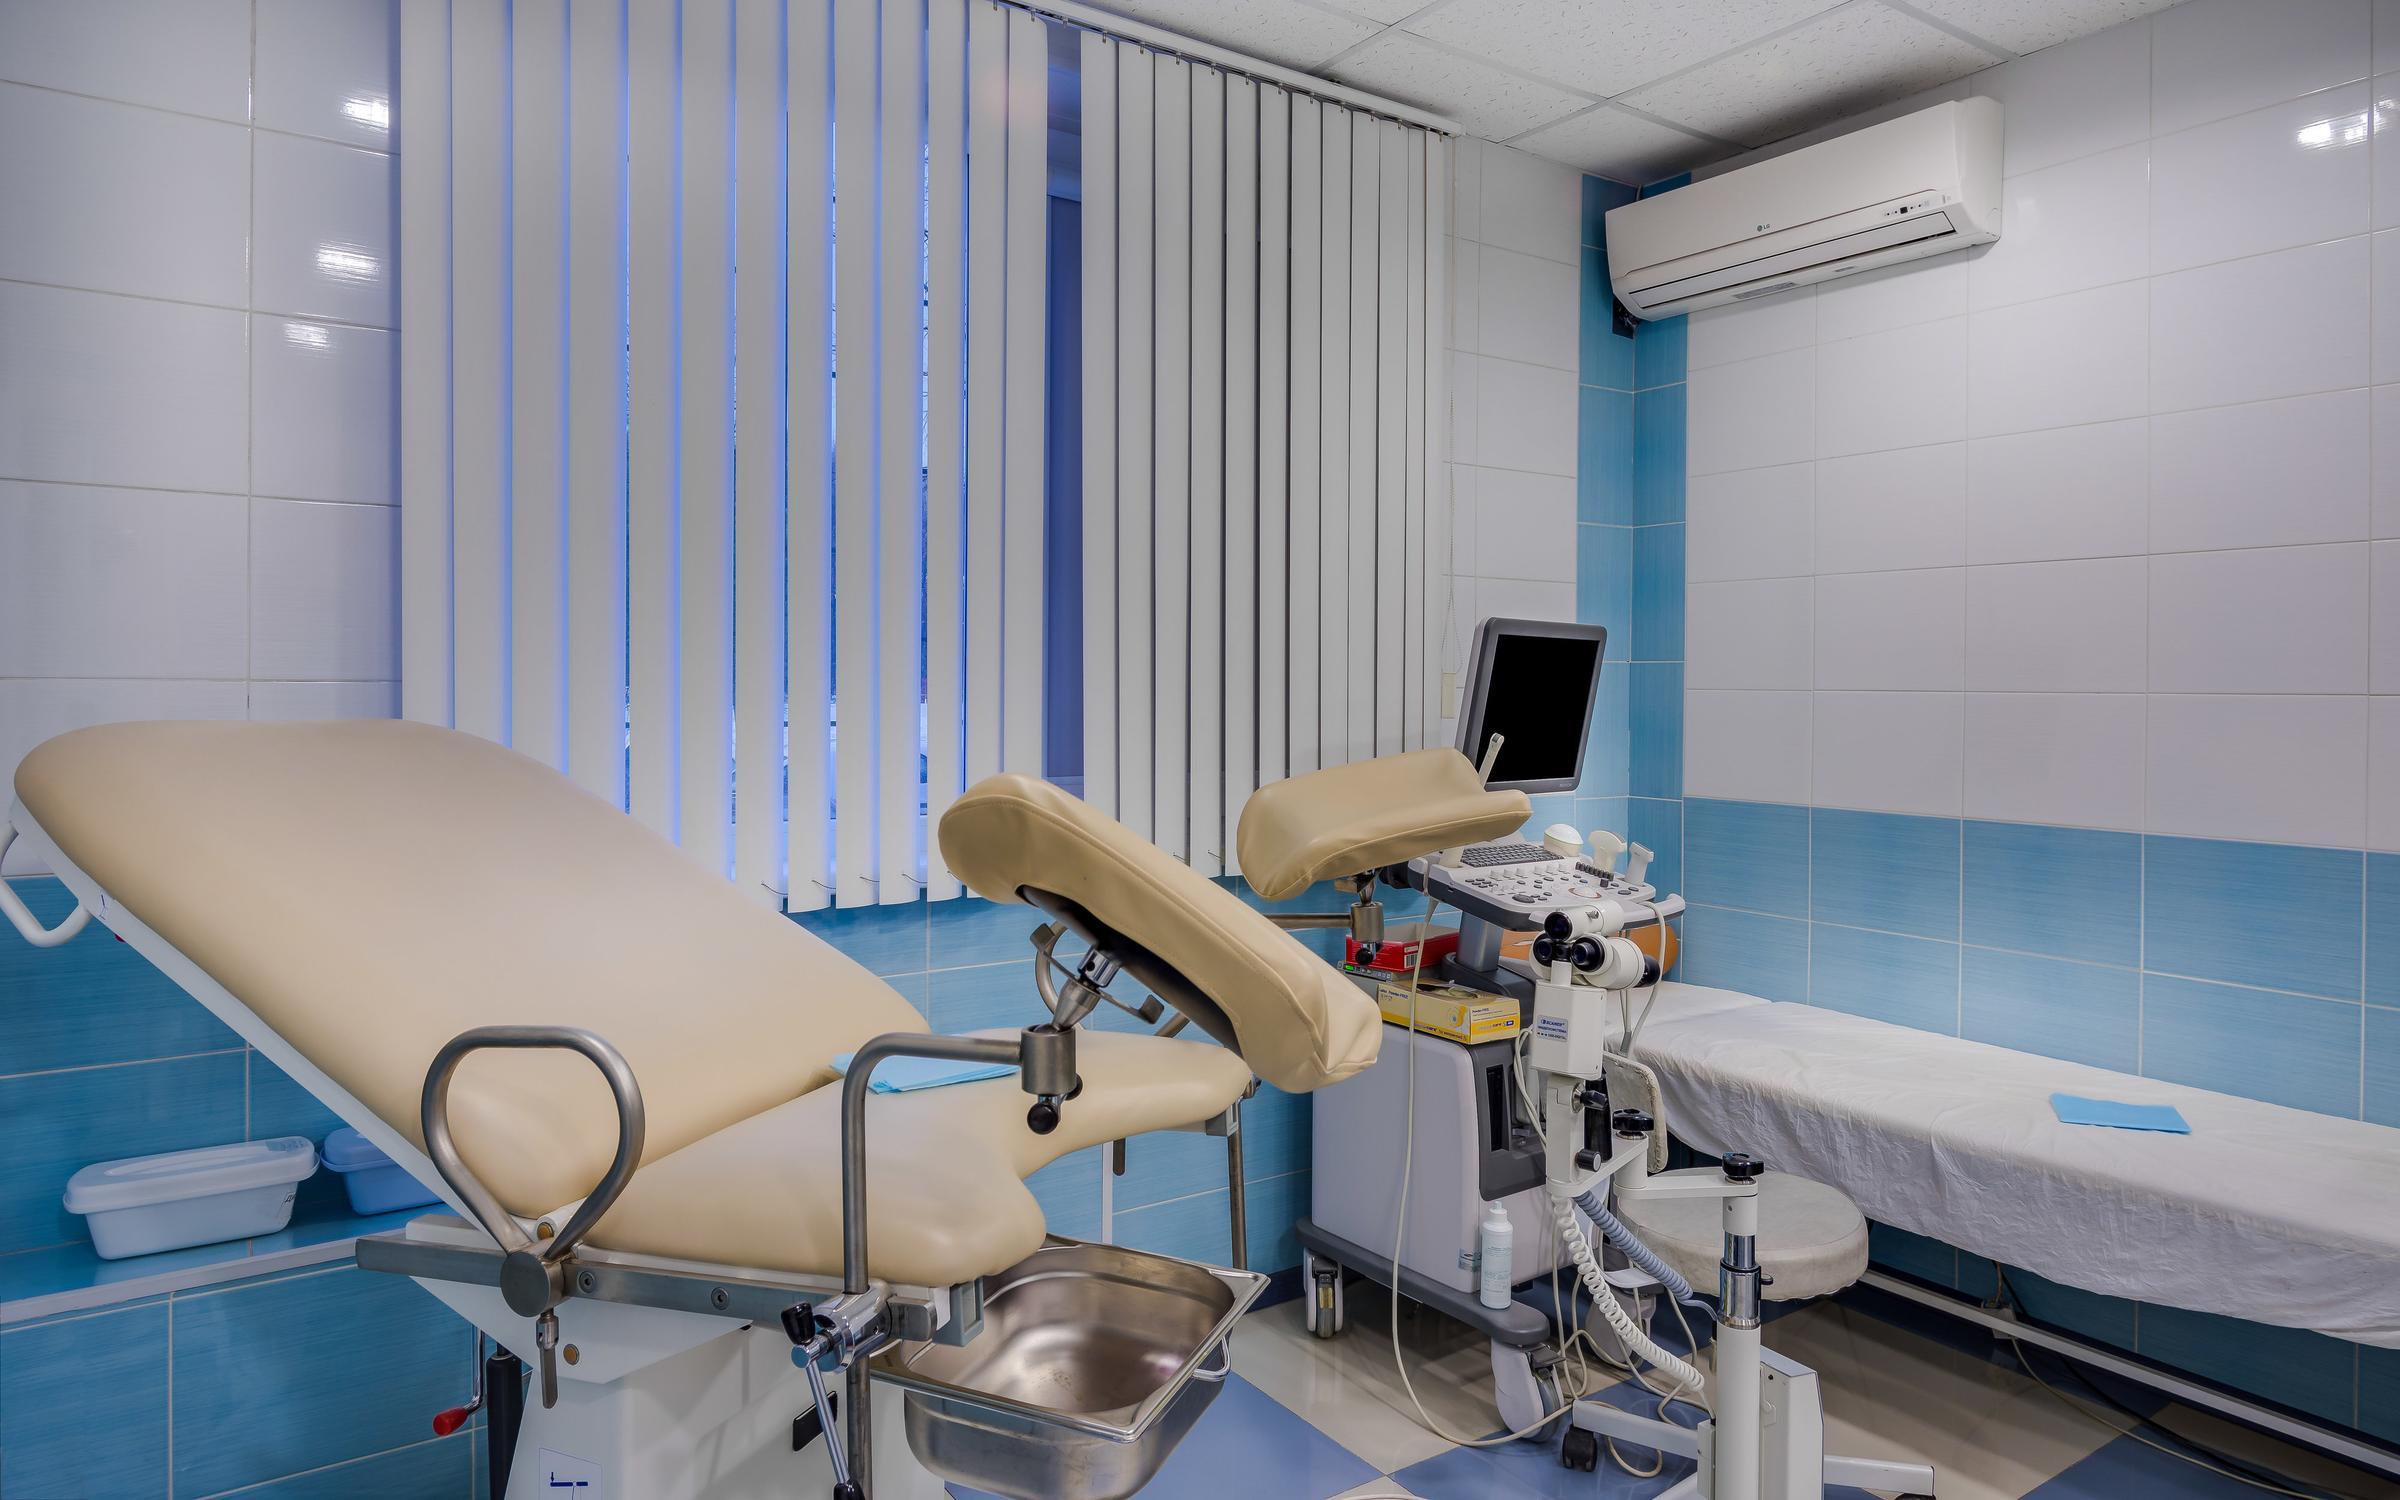 Расписание приема врачей в поликлинике 7 саратов